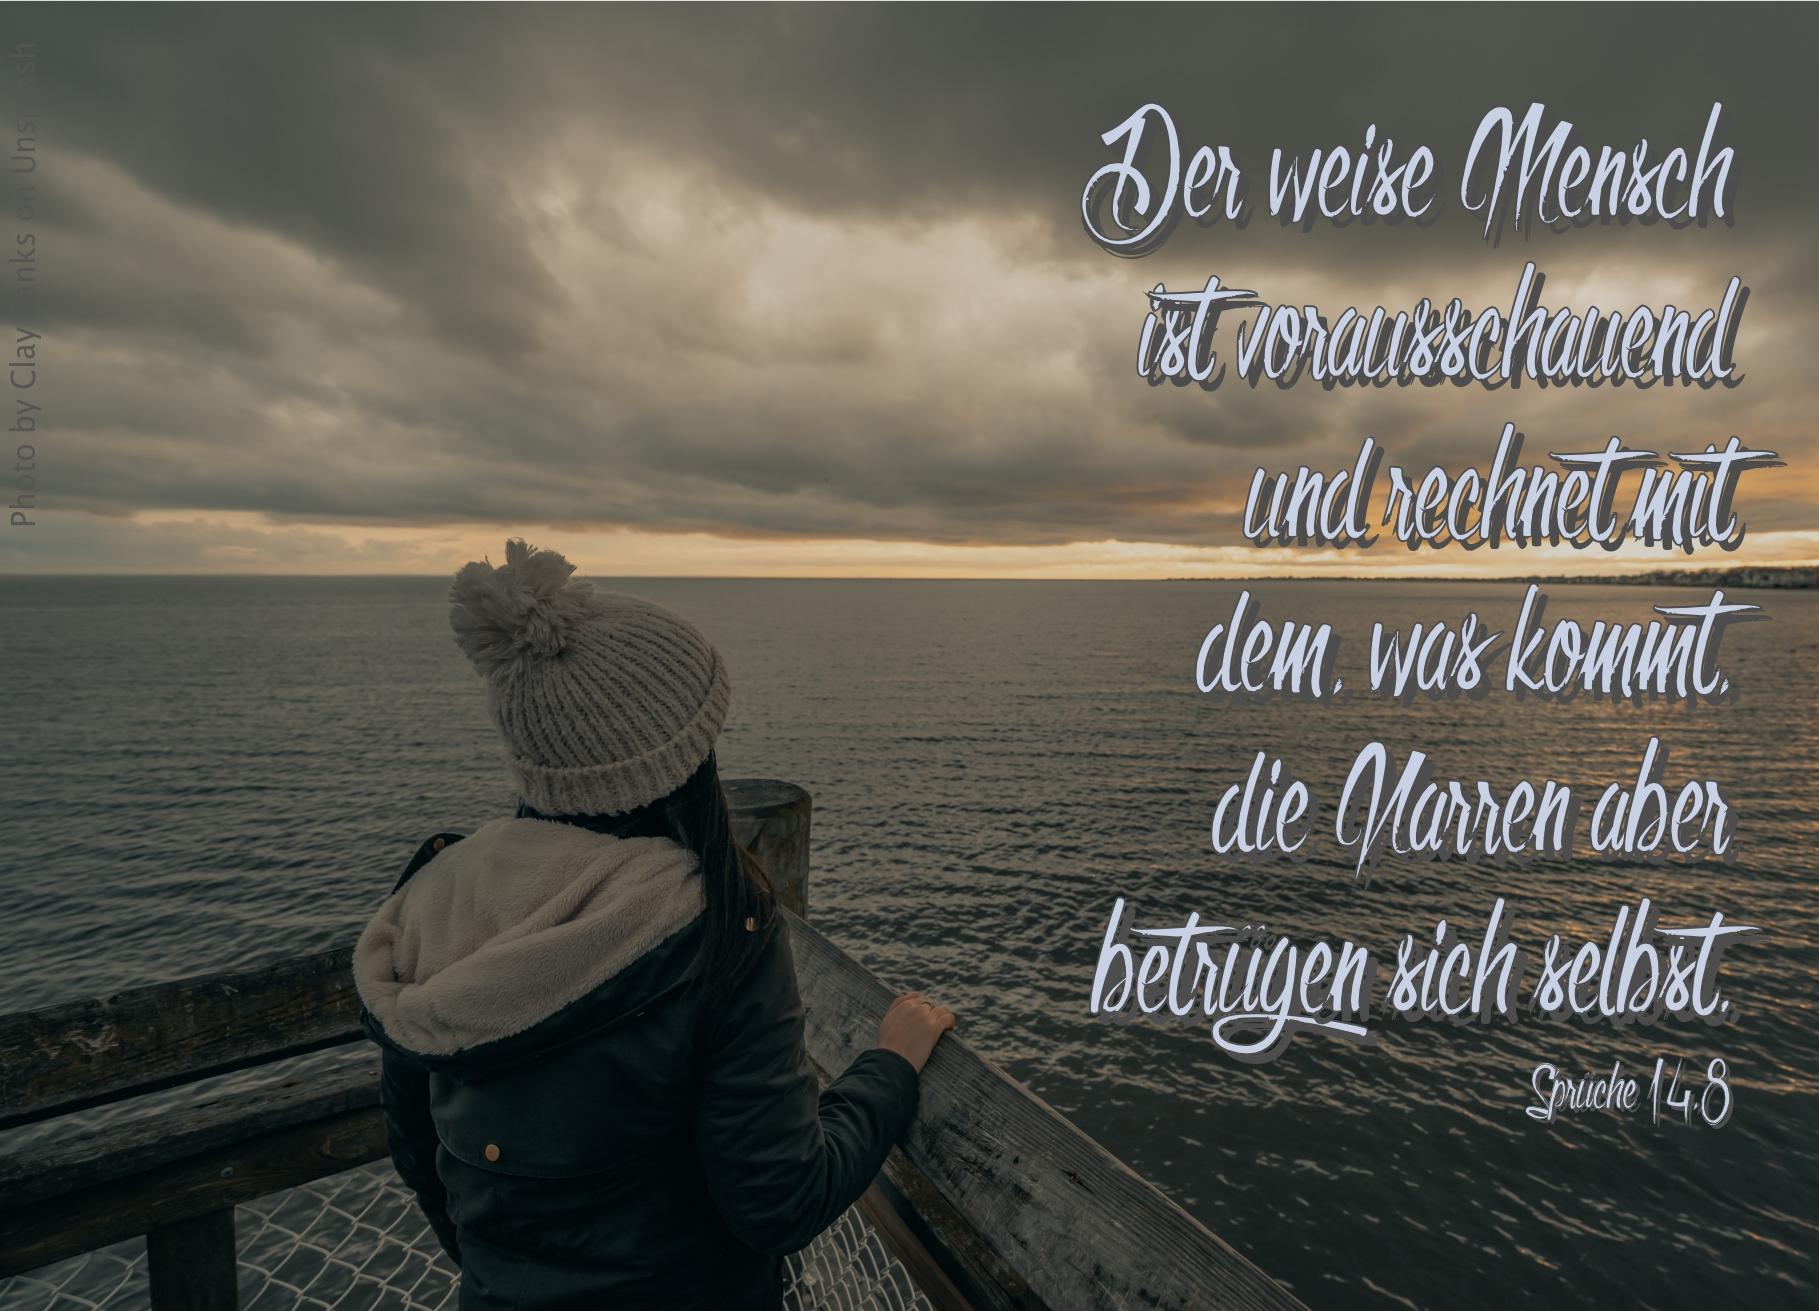 """alt=""""frau_blickt_uebers_wasser_in_die_weite_erwartet_bibelhoerbuch_aussendung_der_zwoelf"""""""